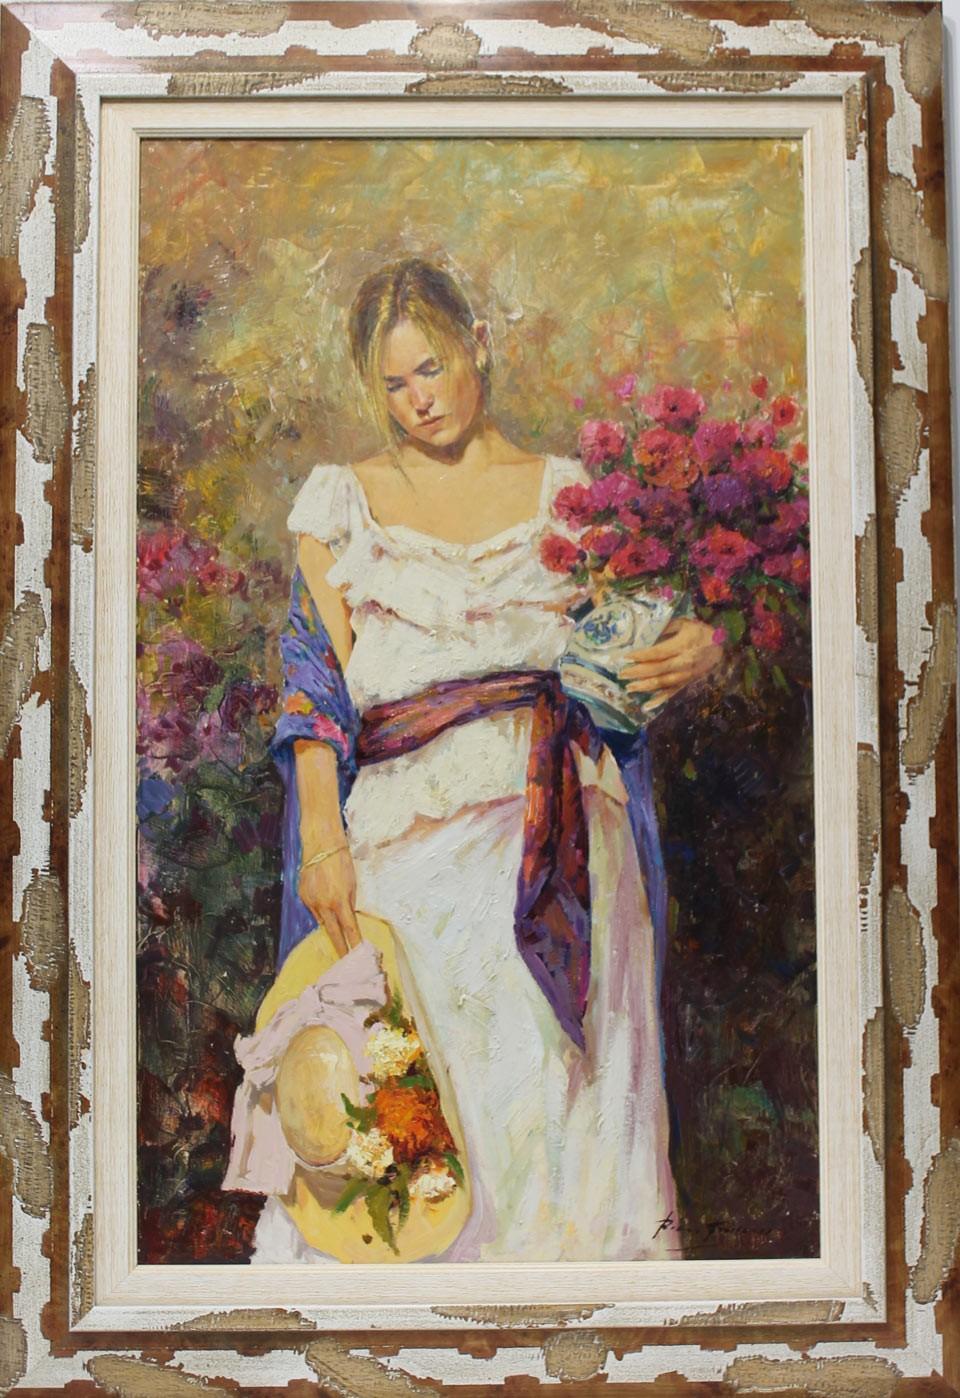 Román Francés: Mujer con ramo de flores